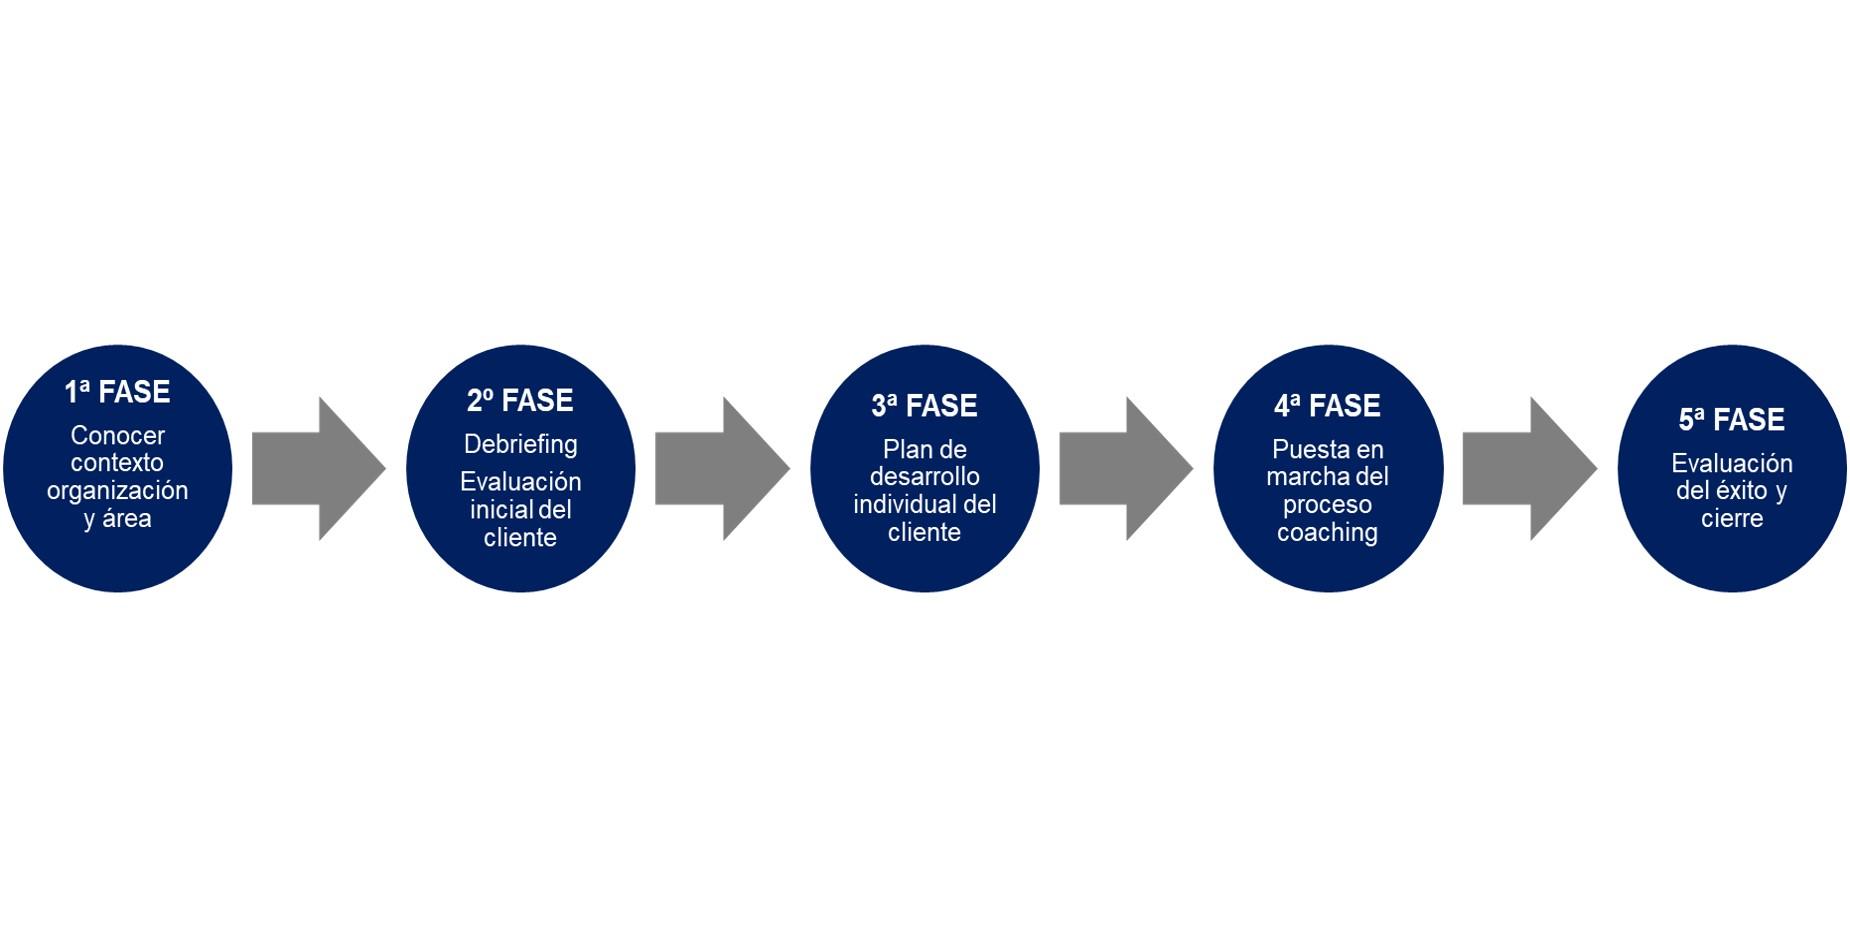 Fases de un proceso de coaching empresarial